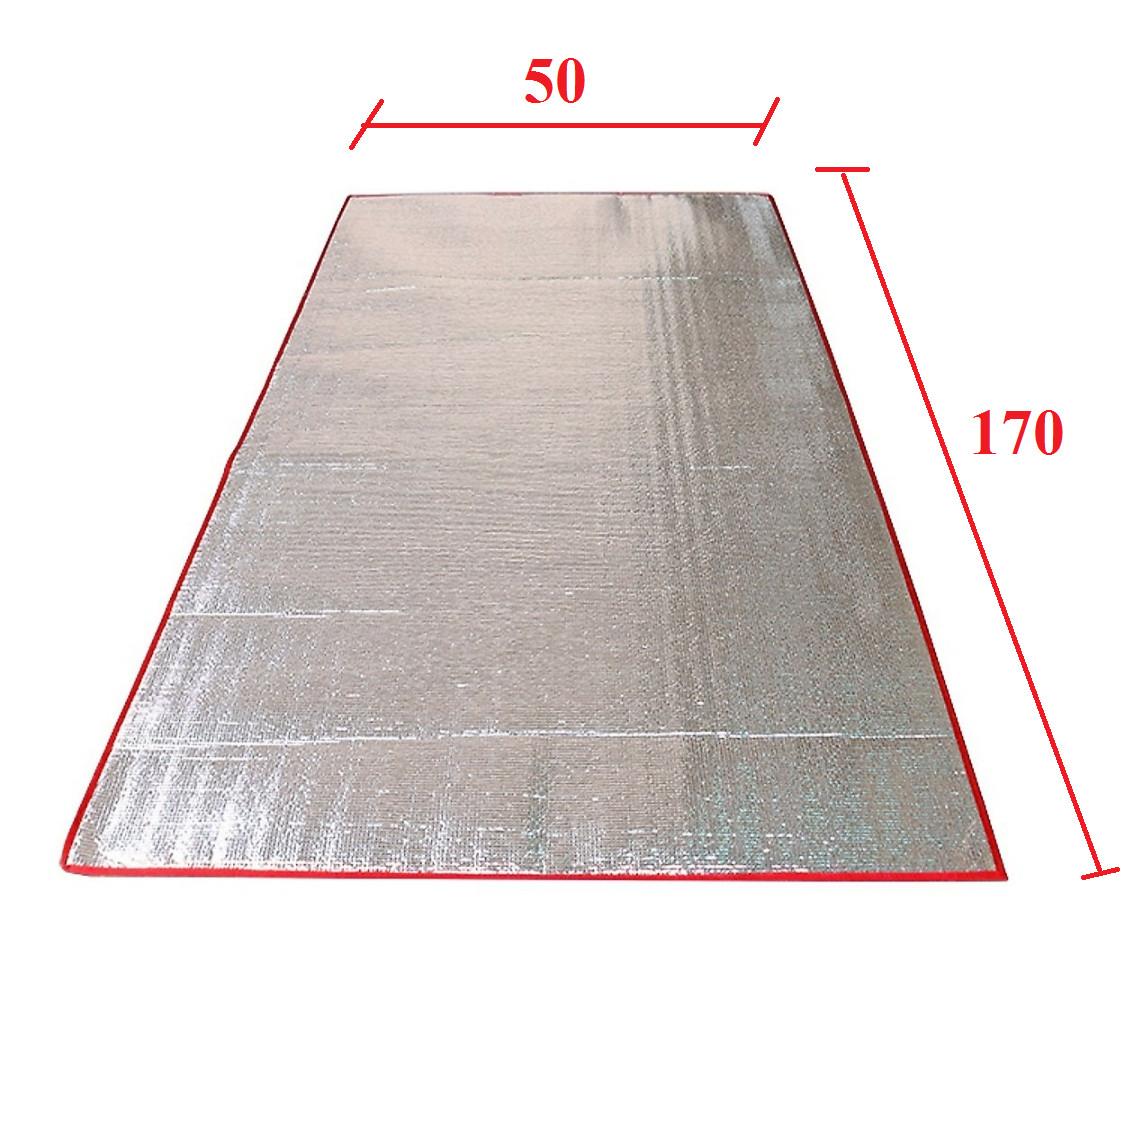 Chiếu CNVPHNOP1 50 X 170 CM   Chiếu Viền Đỏ Dày 3.5mm   Viền Đỏ